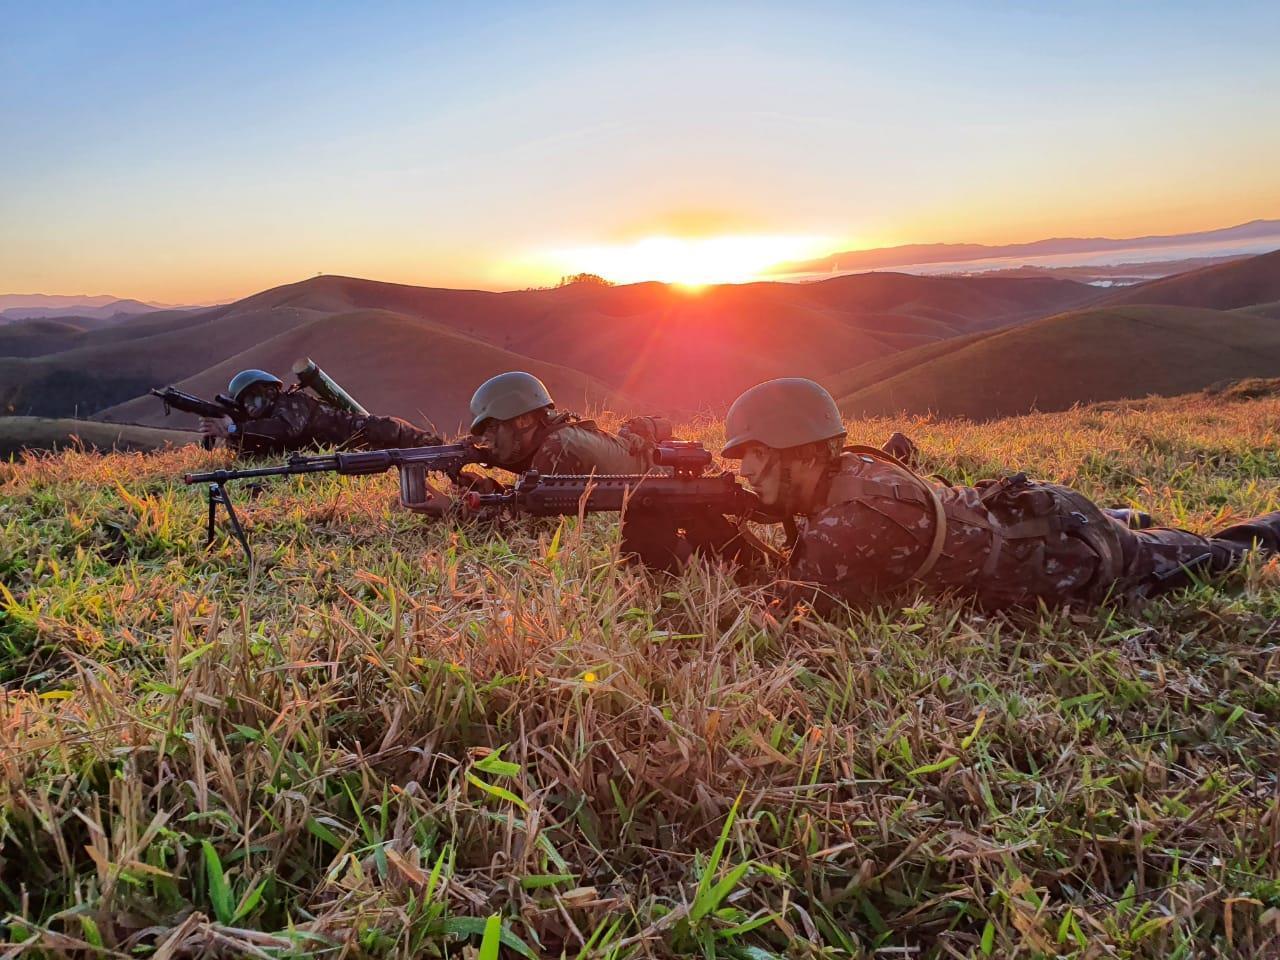 5° Batalhão de Infantaria Leve em adestramento da Força de Prontidão Aeromóvel do Exército Brasileiro